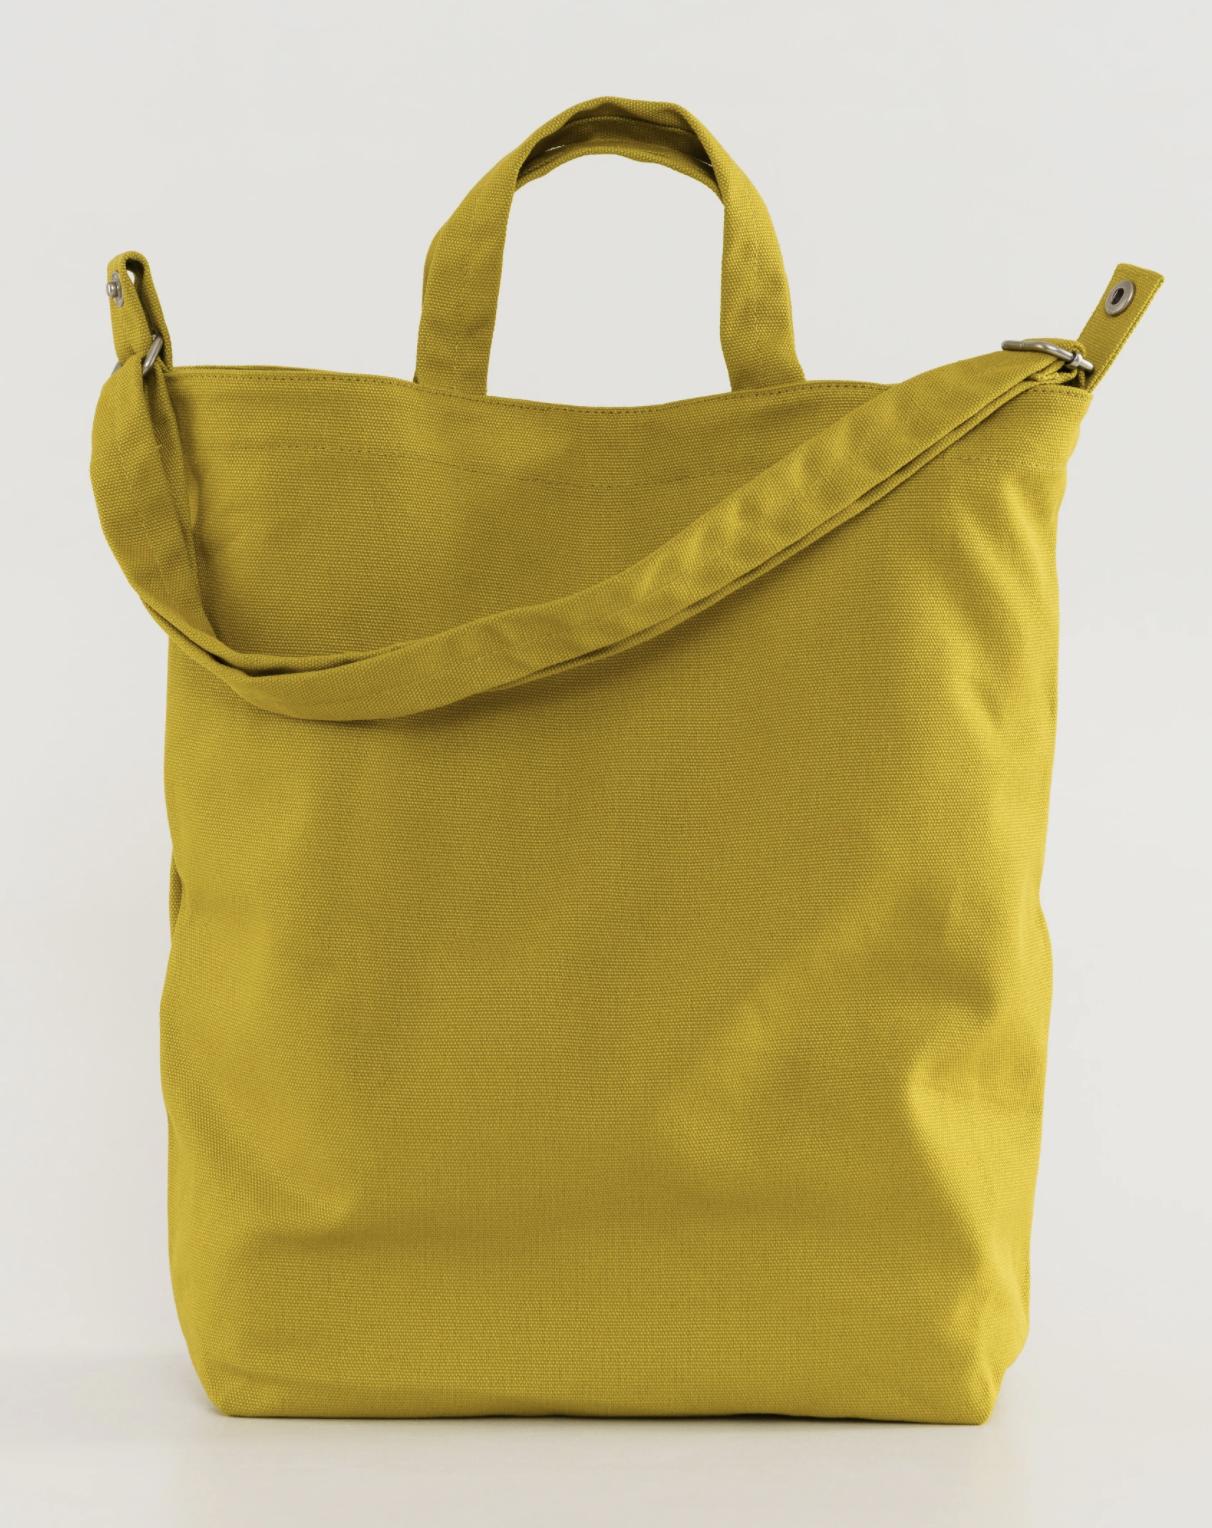 BAGGU - Duck Bag, Pear